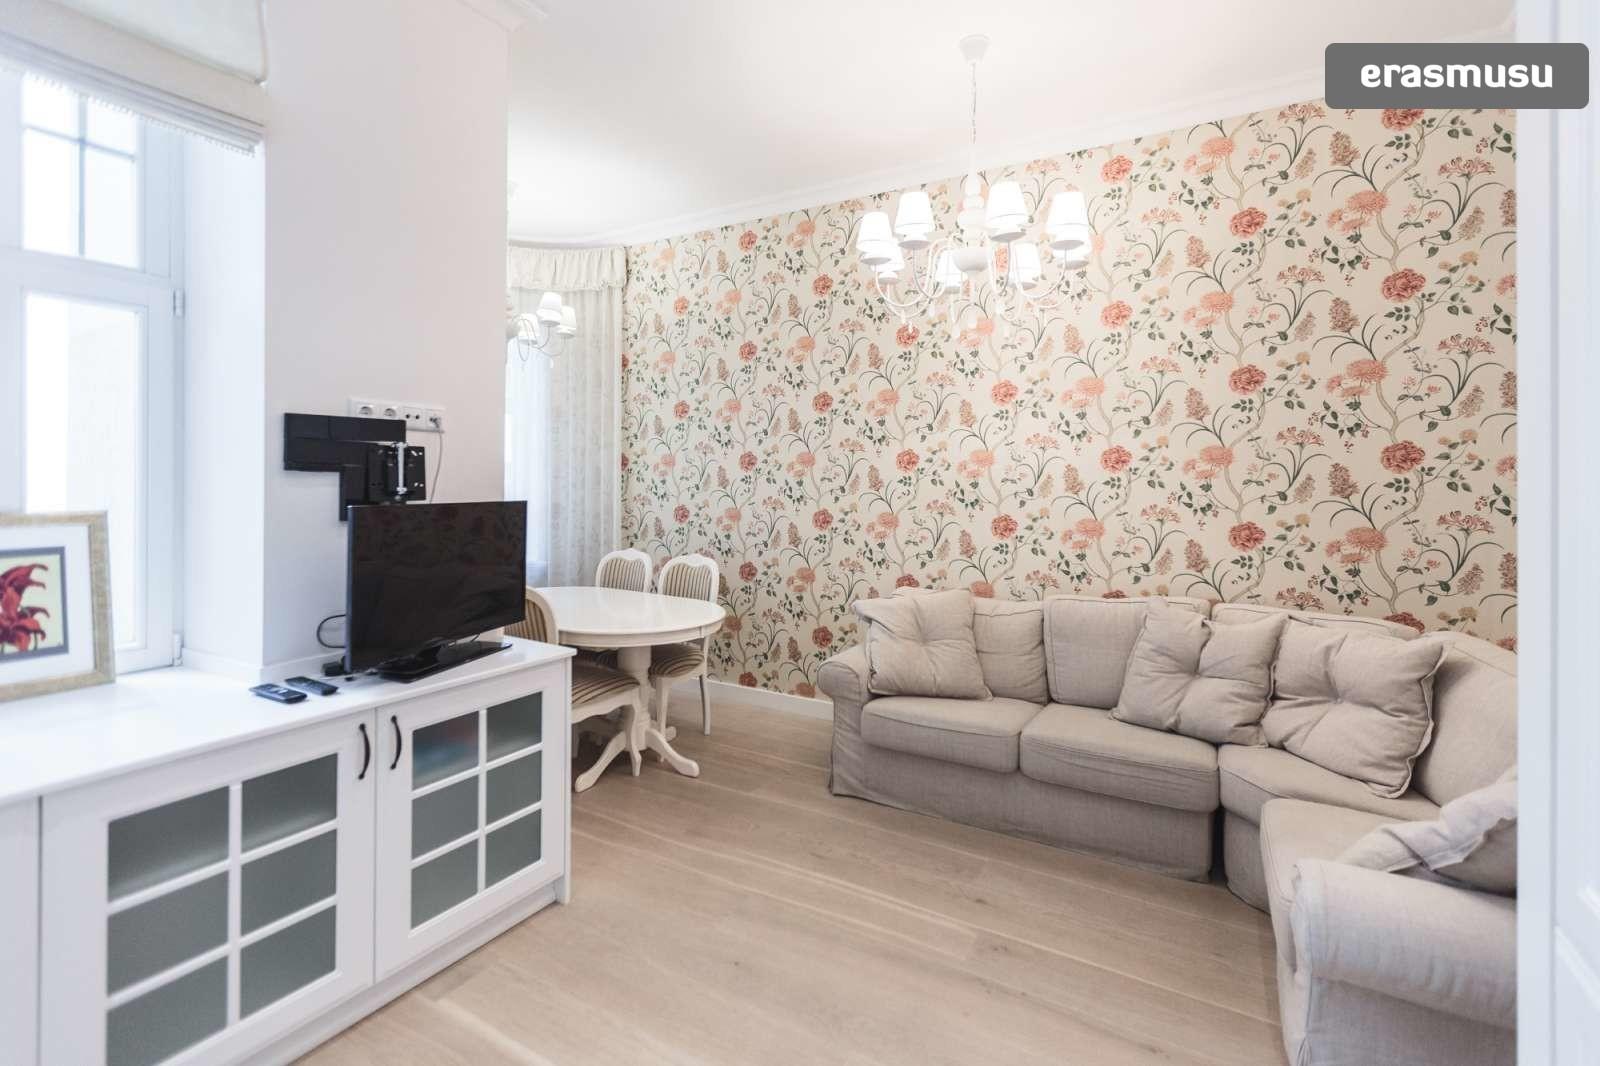 elegant-2-bedroom-partment-rent-centrs-5c74c58737616e8cc318c9c29